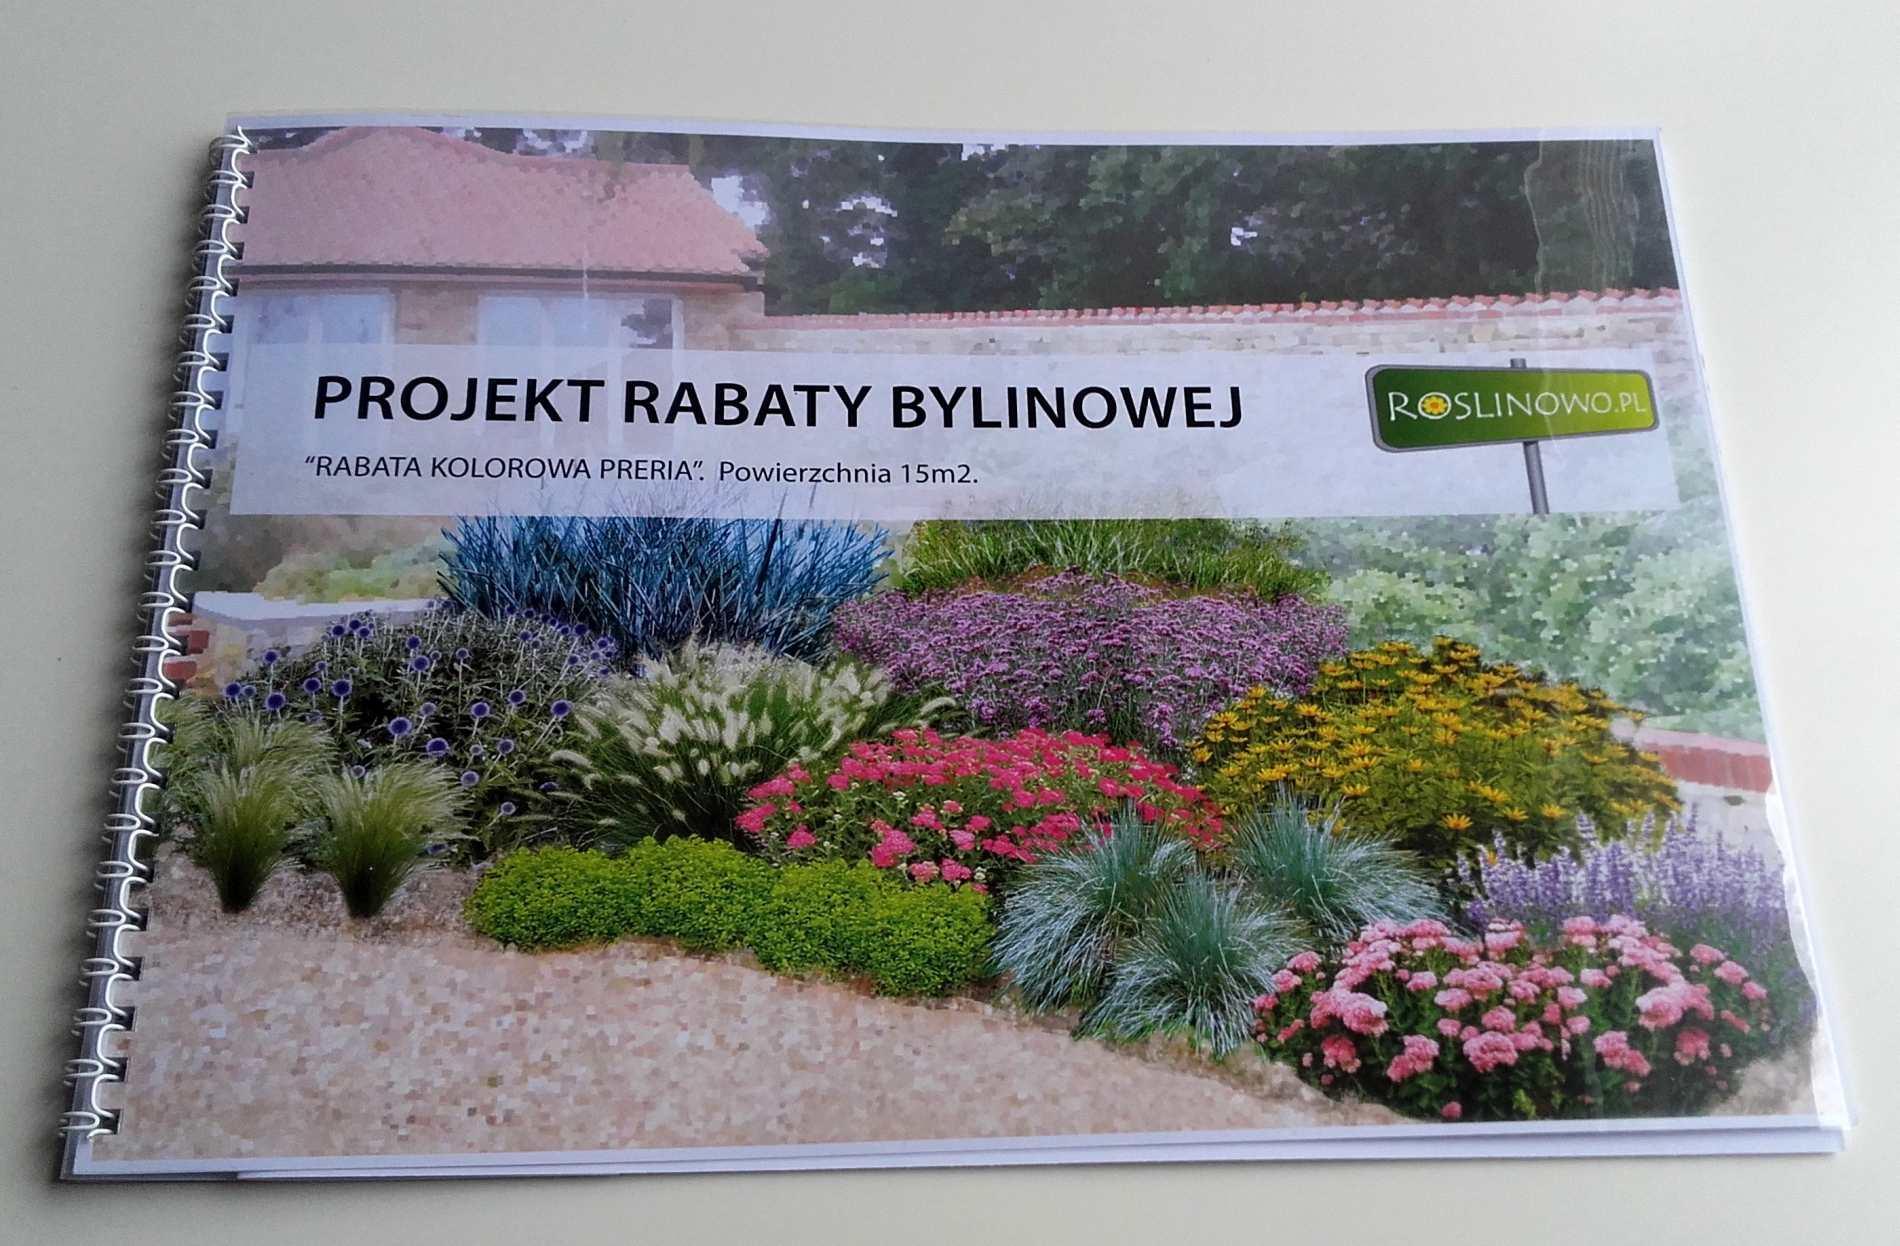 gotowy projekt rabaty bylinowej - kolorowa preria